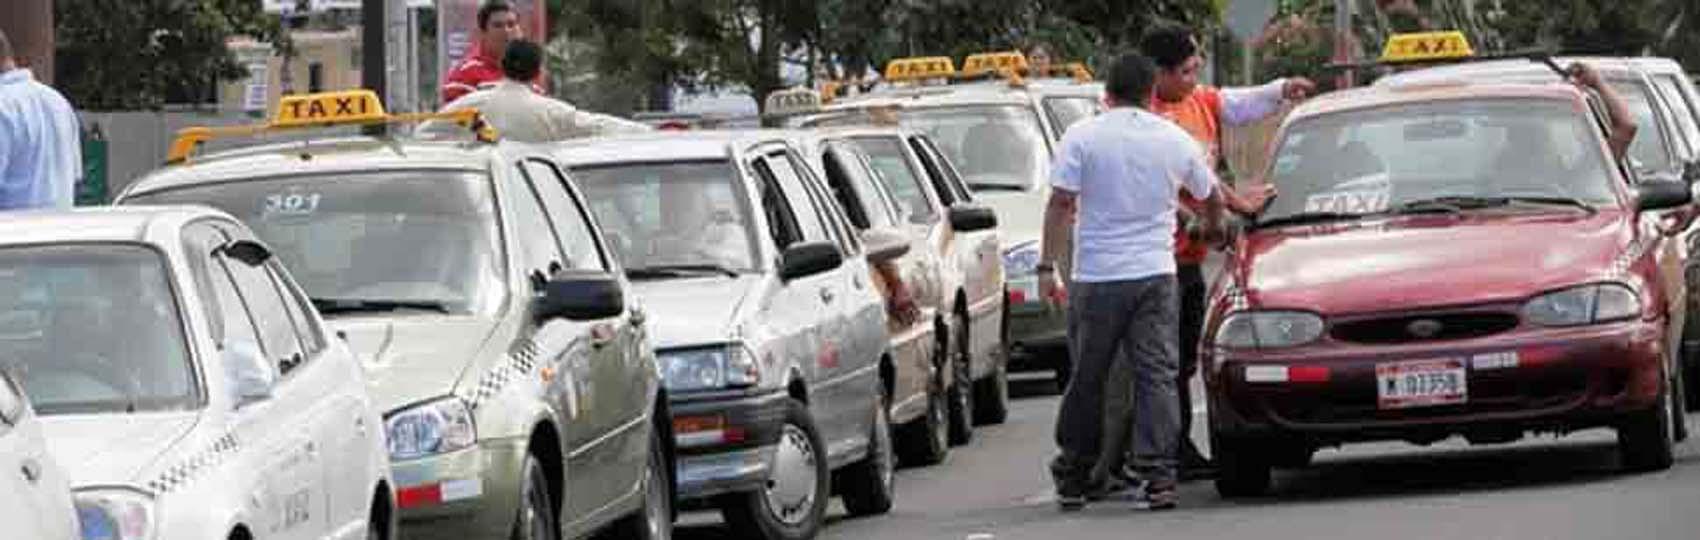 Noticias del sector del taxi y la movilidad en Nicaragua. Mantente informado de todas las noticias del taxi de Nicaragua en el grupo de Facebook de Todo Taxi.